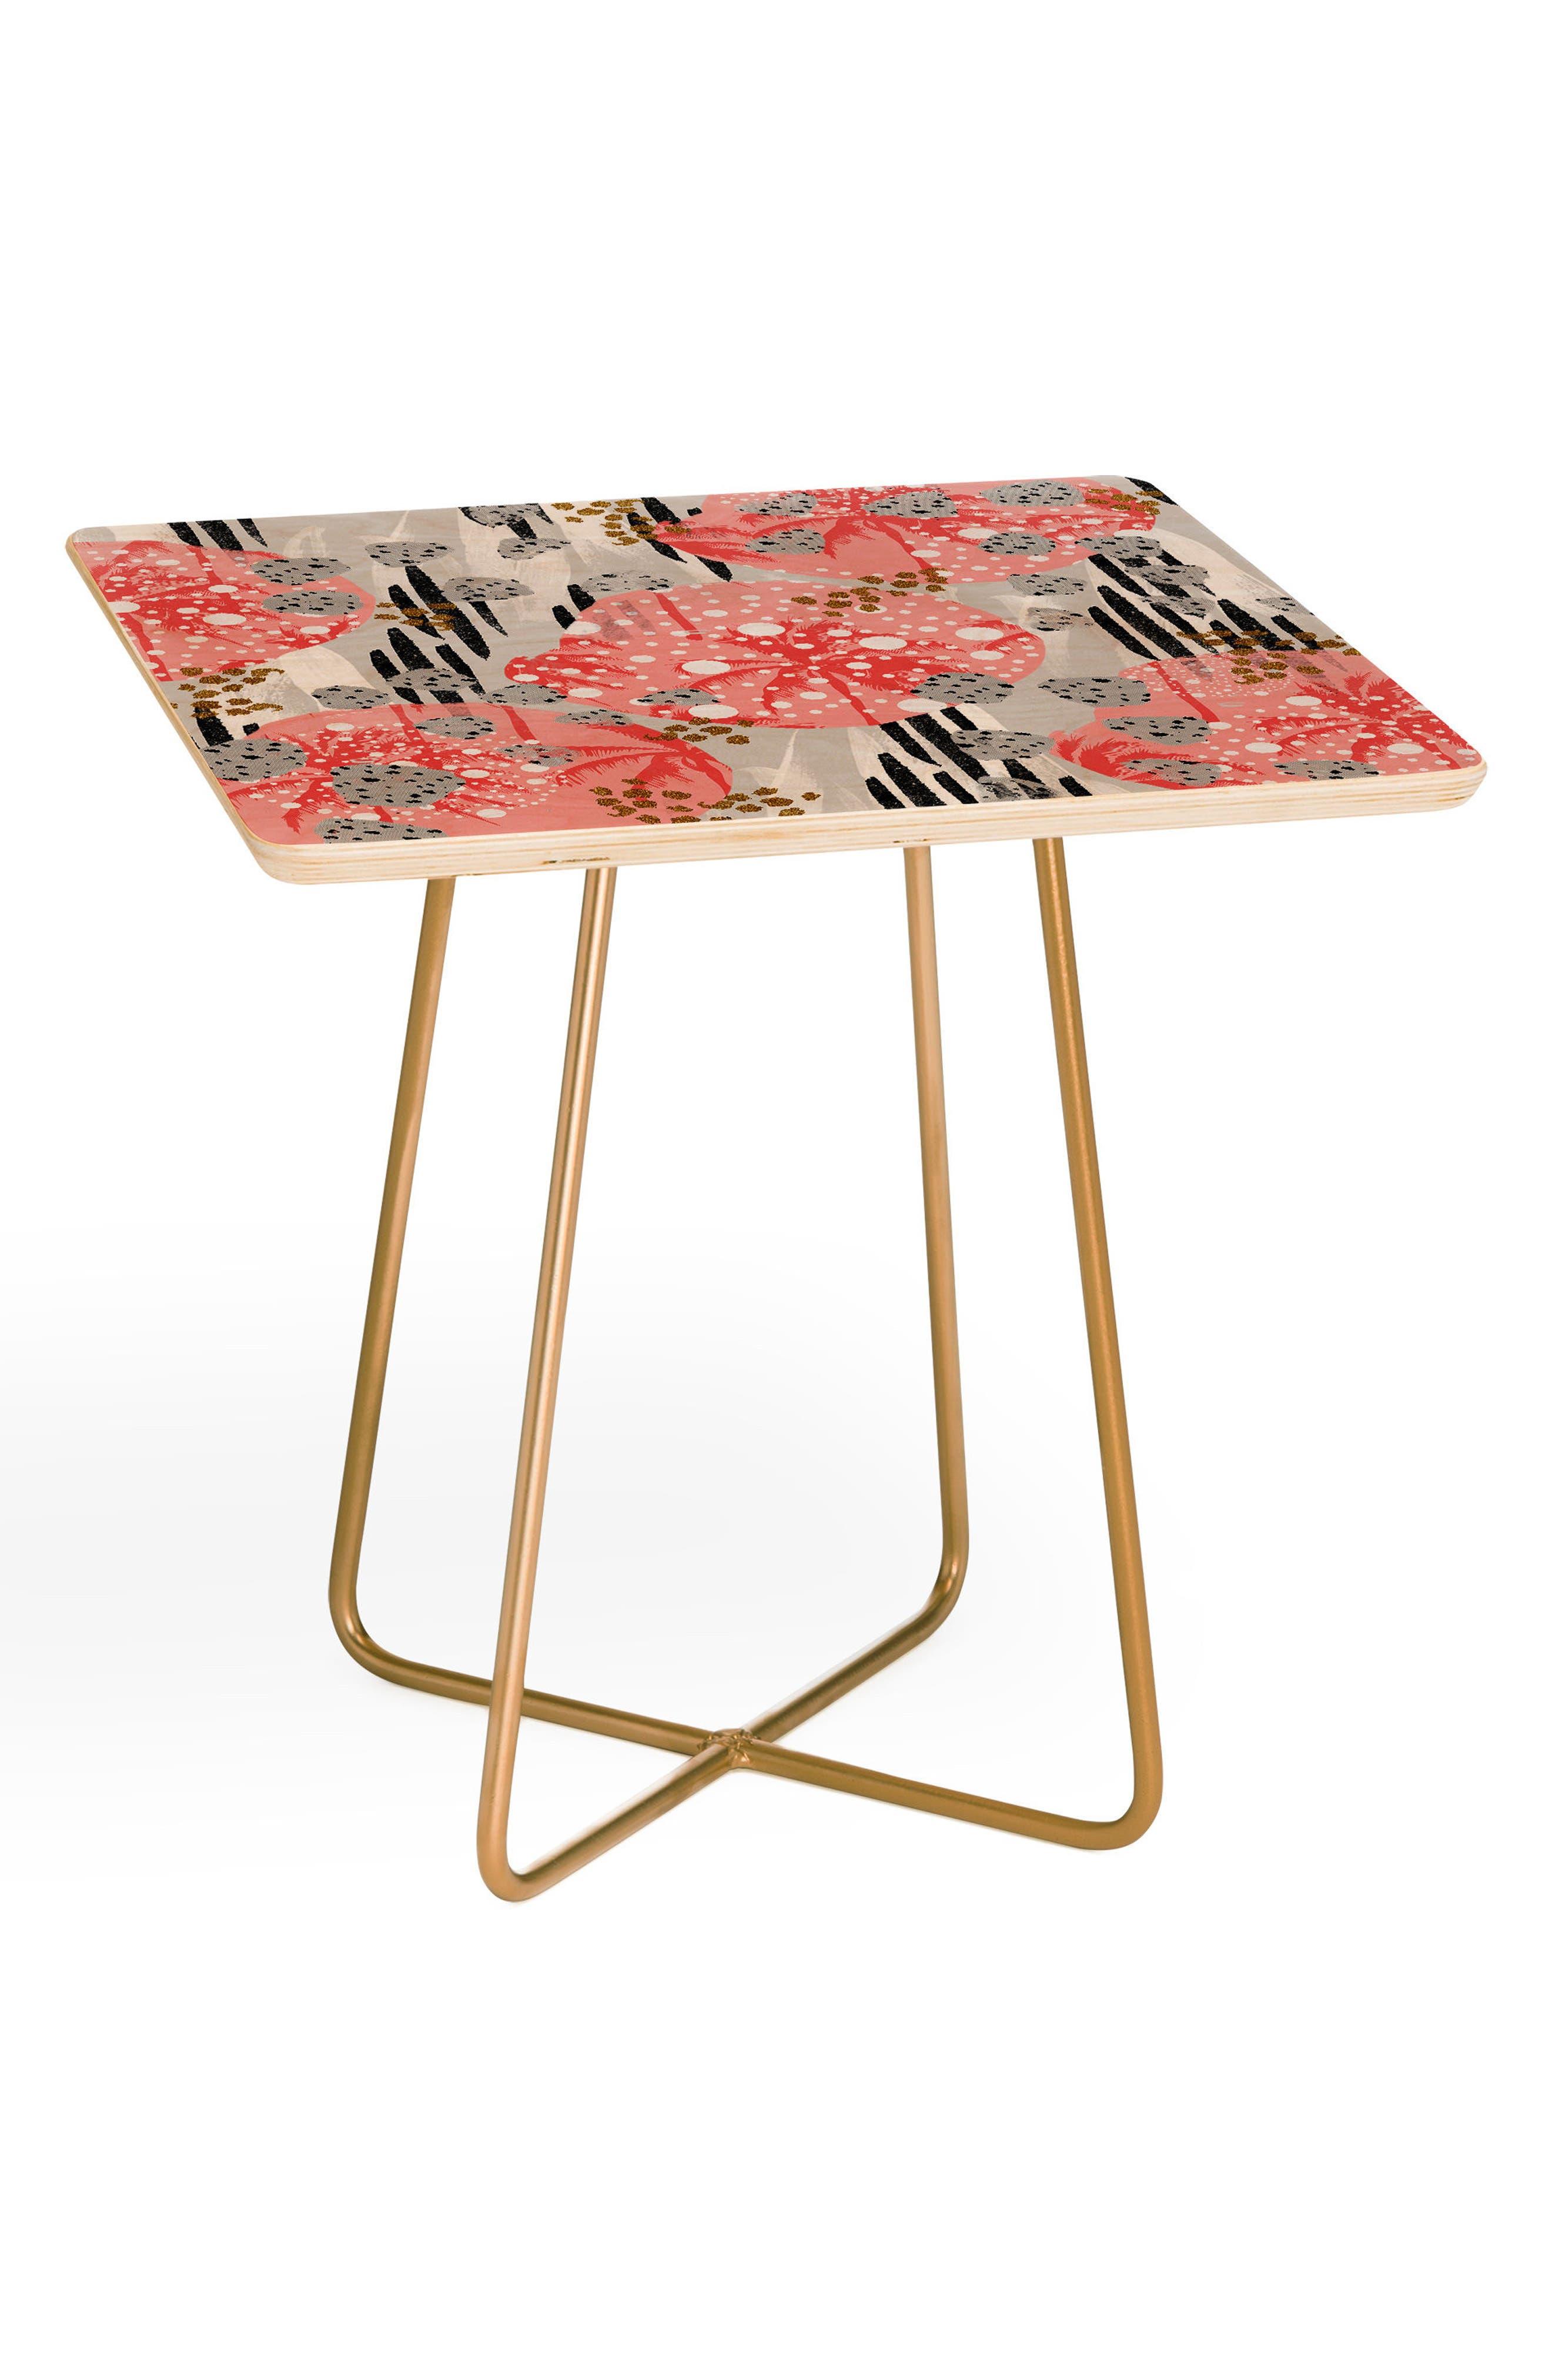 Marta B. Camarasa Abstract Side Table,                             Main thumbnail 1, color,                             PINK